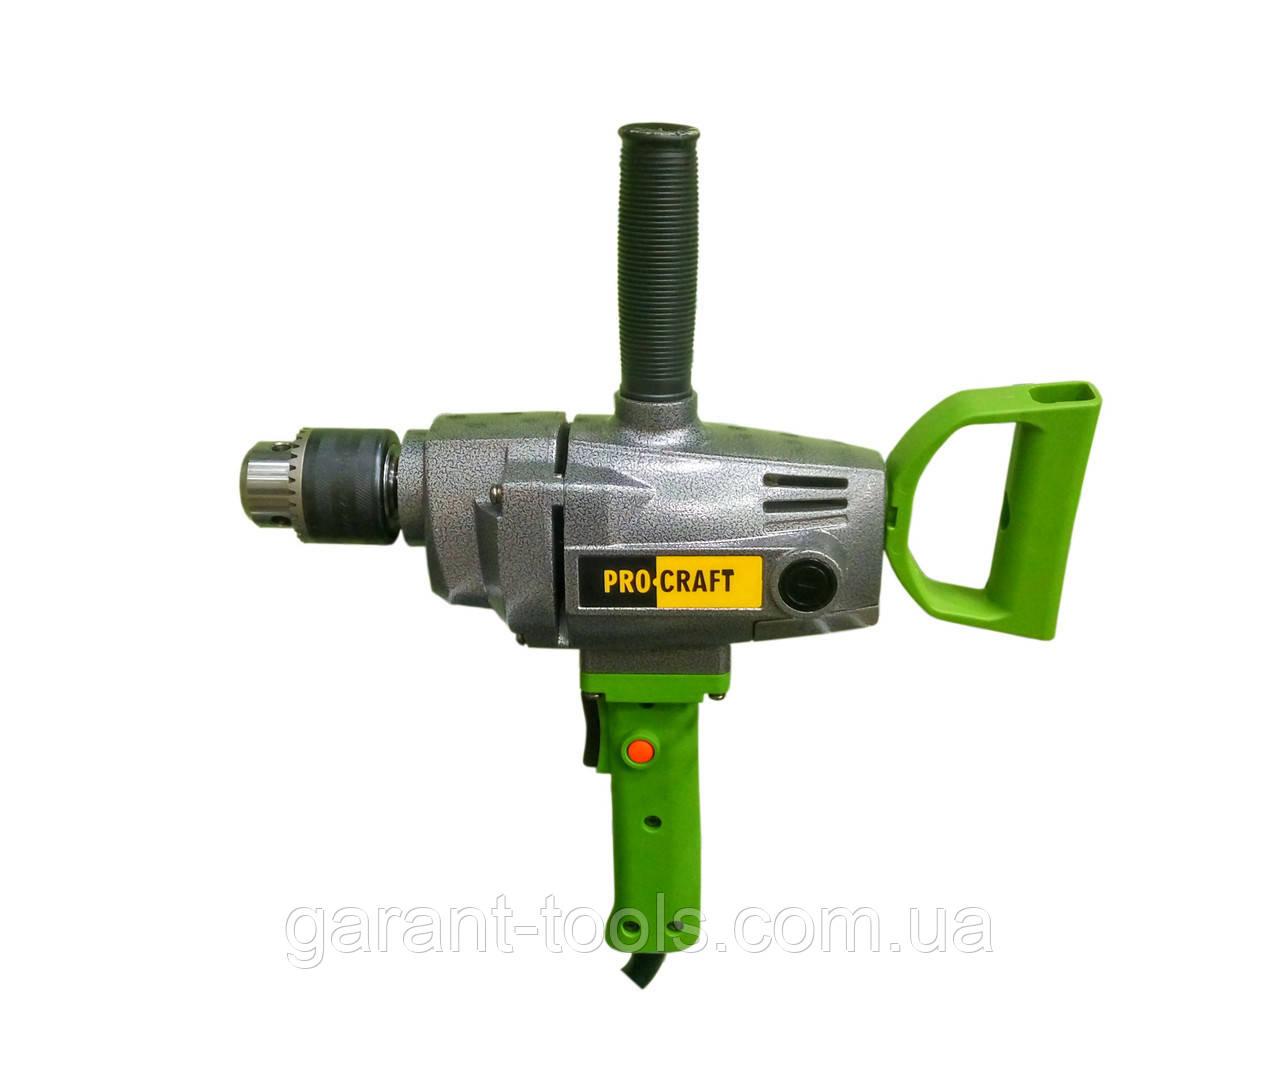 Миксер Procraft PF -1700